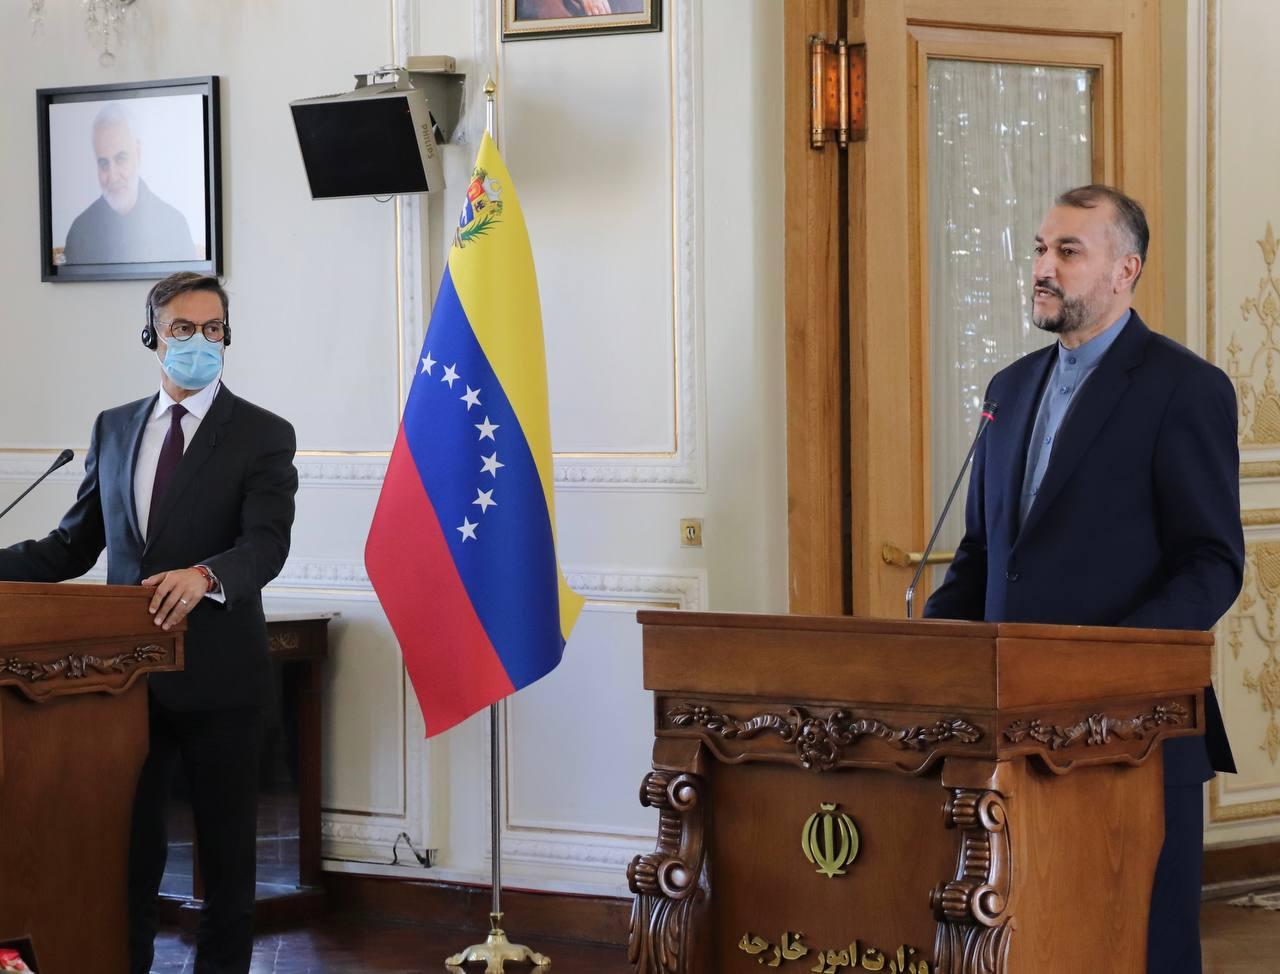 Irán rechaza secuestro del diplomático venezolano Alex Saab por parte de Estados Unidos